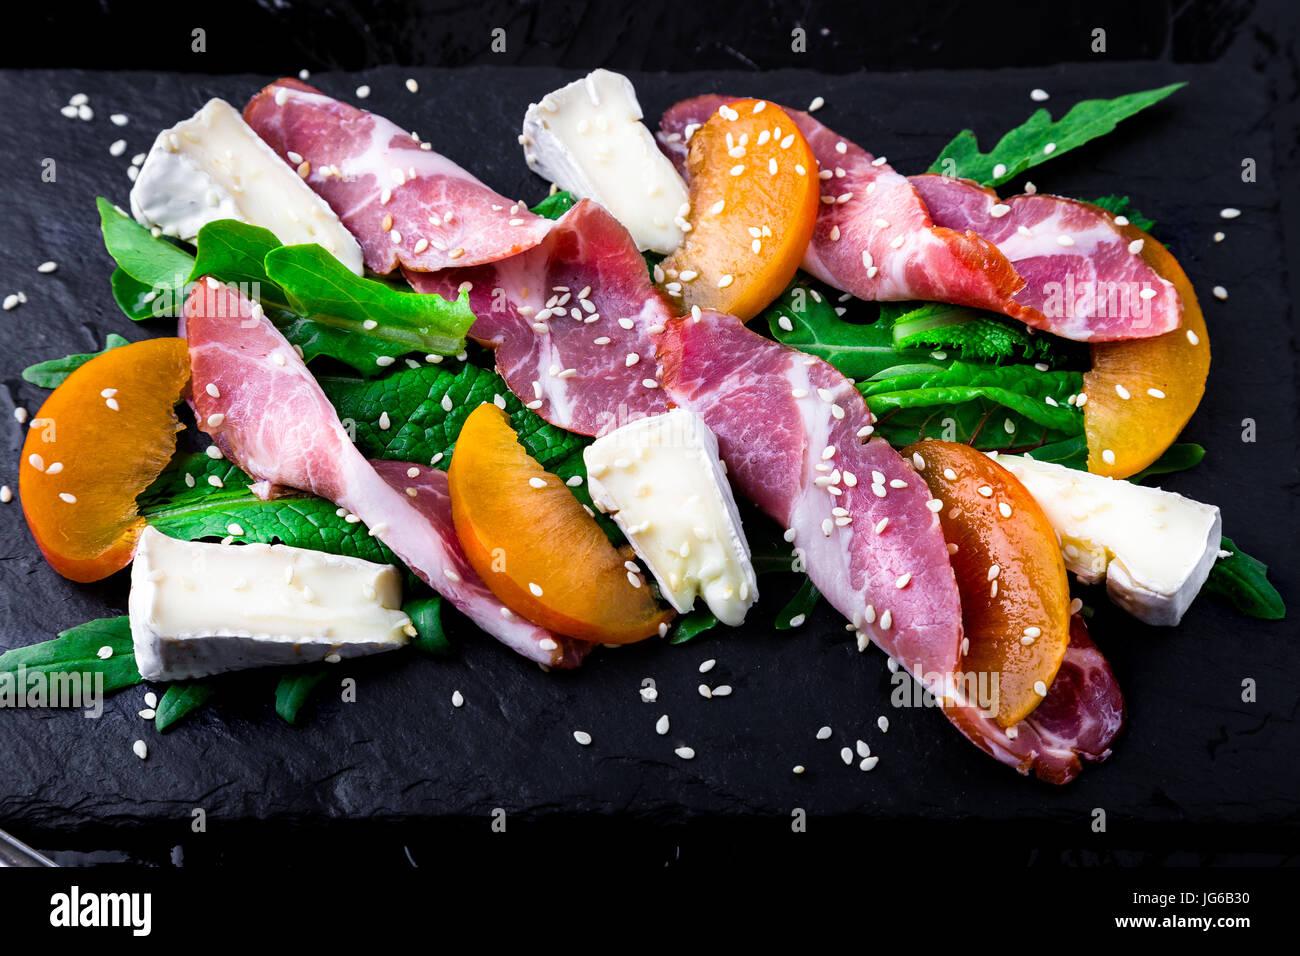 Insalata con prosciutto jamon serrano, camembert, melone, rucola su nero ardesia pietra piastra su sfondo nero. Immagini Stock